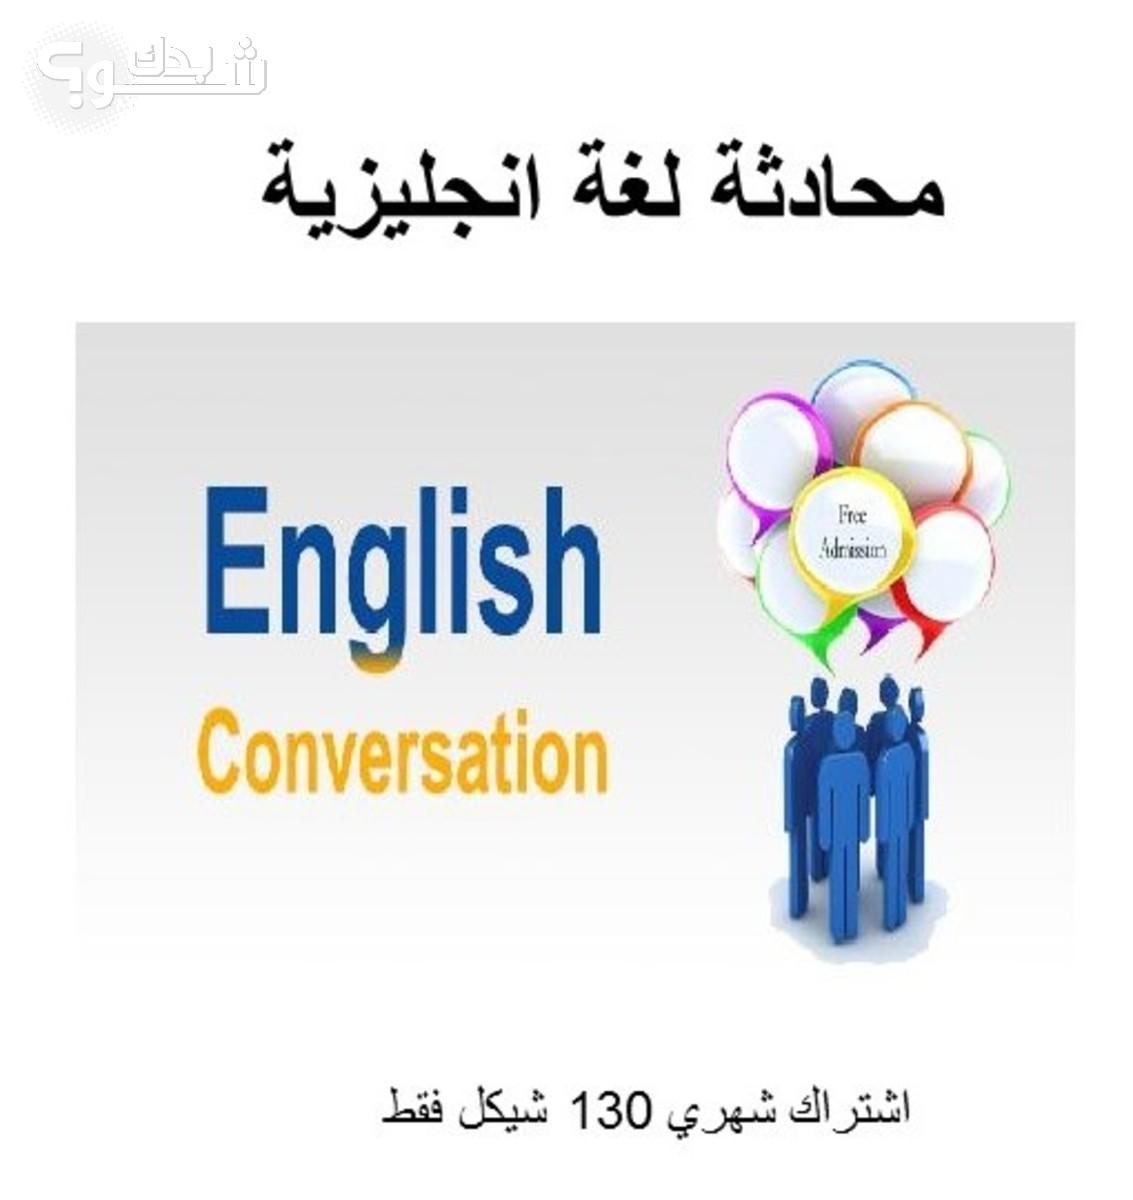 يعلن مركز العالم عن بدء التسجيل لدورة محادثة لغة انجليزيه